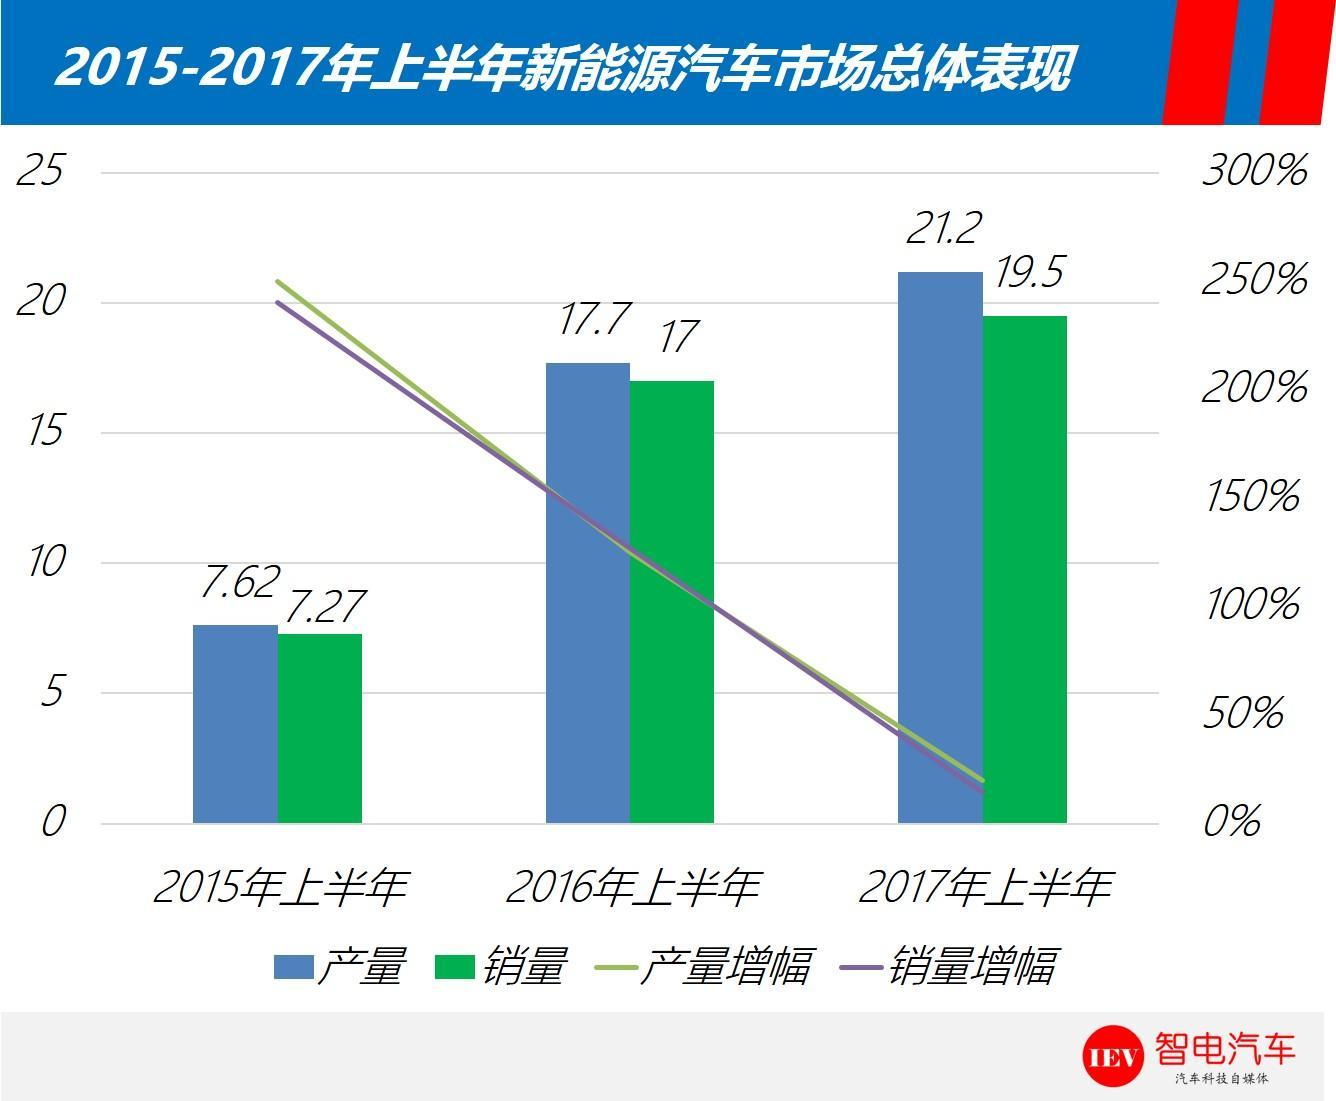 2017年上半年新能源市场格局